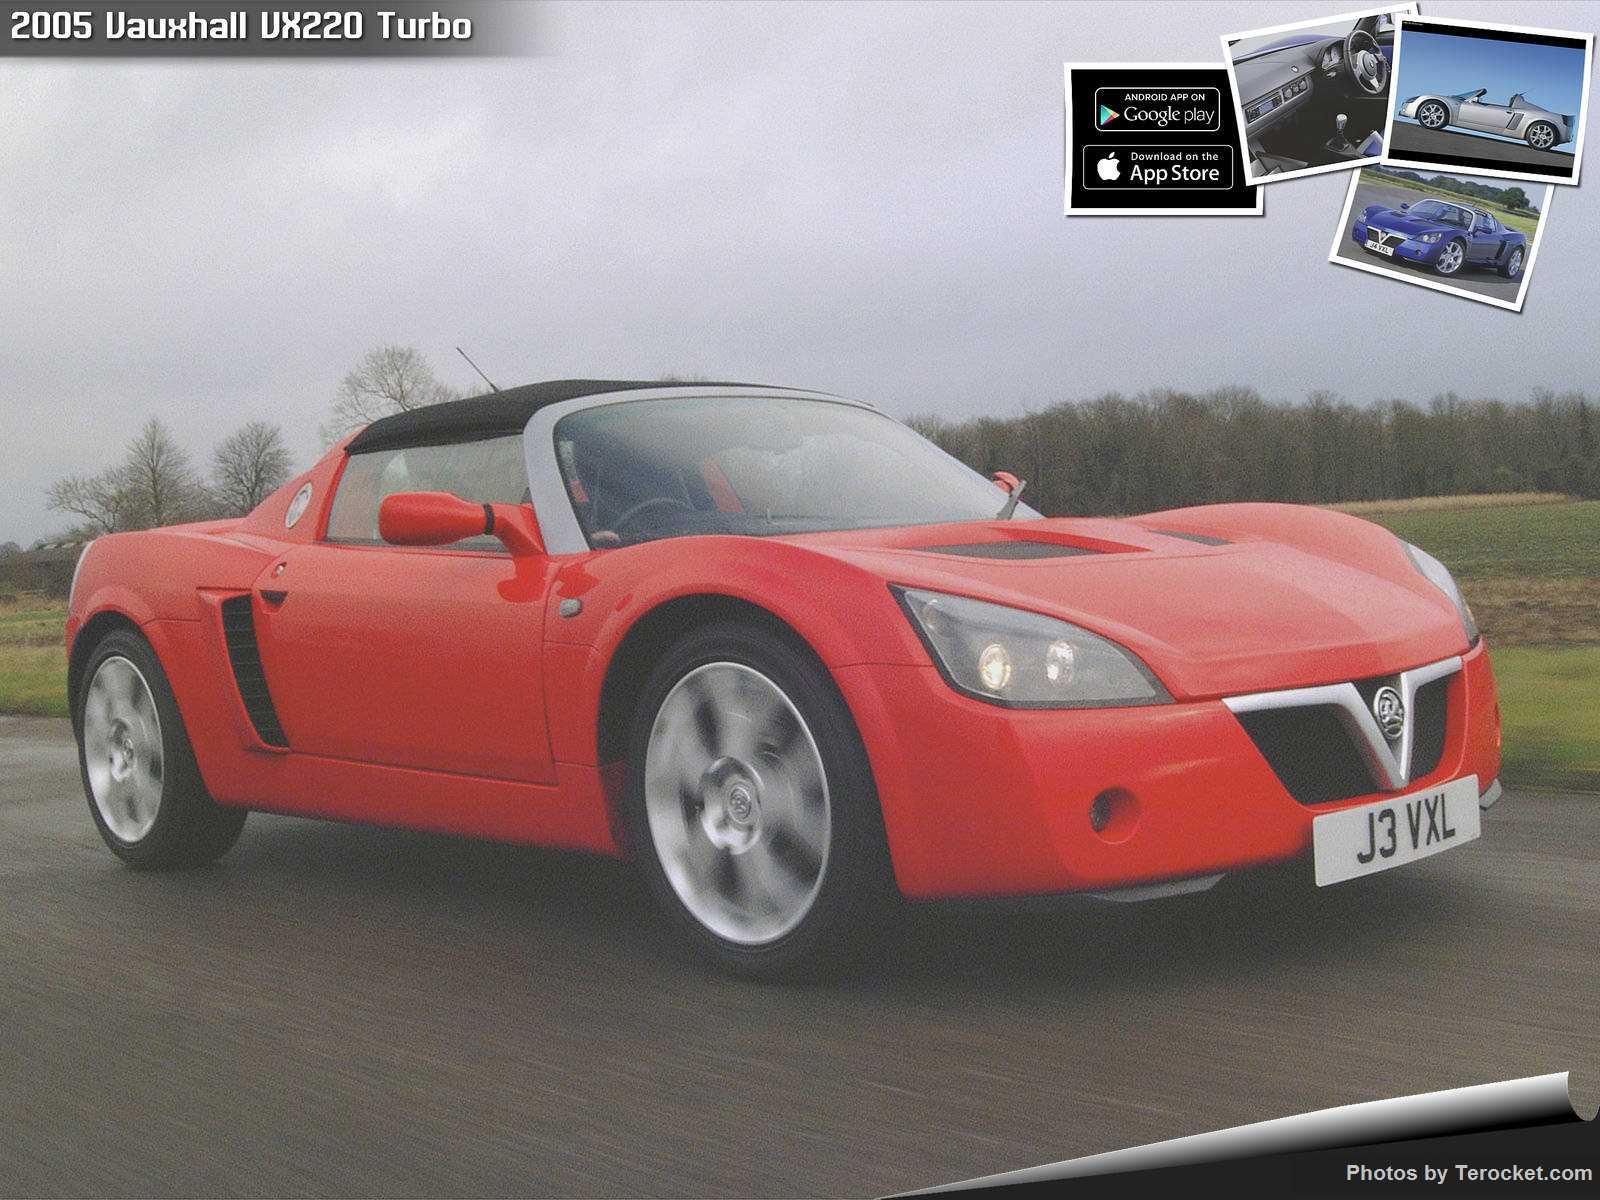 Hình ảnh xe ô tô Vauxhall VX220 Turbo 2005 & nội ngoại thất